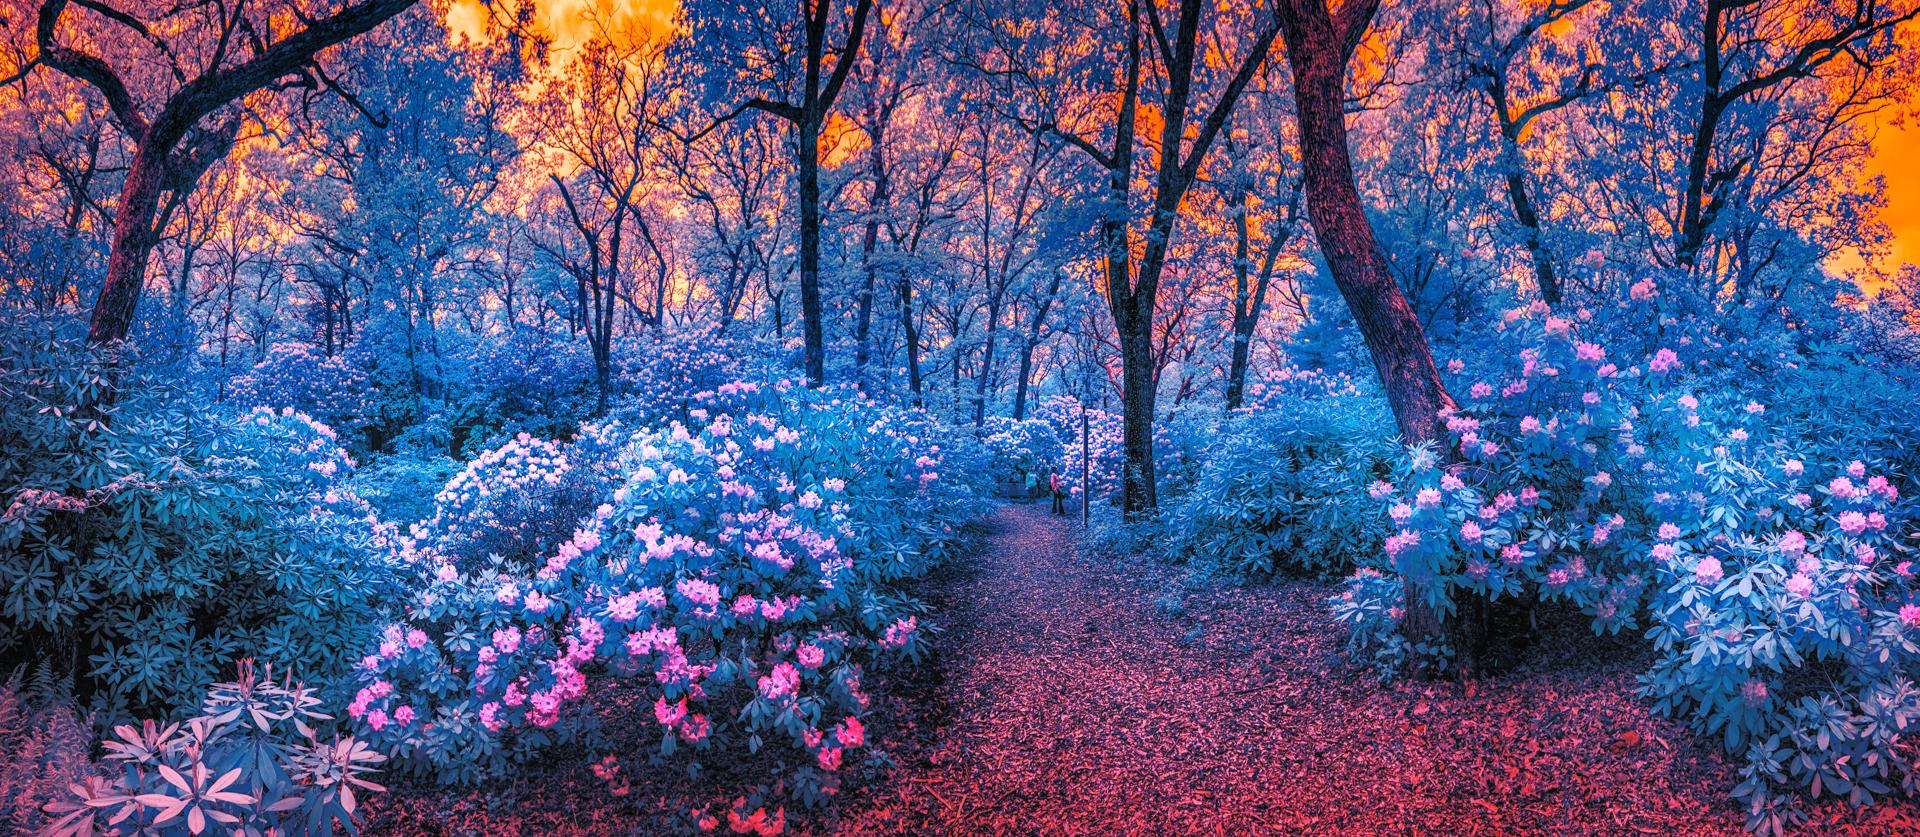 Rhodedendron Forest